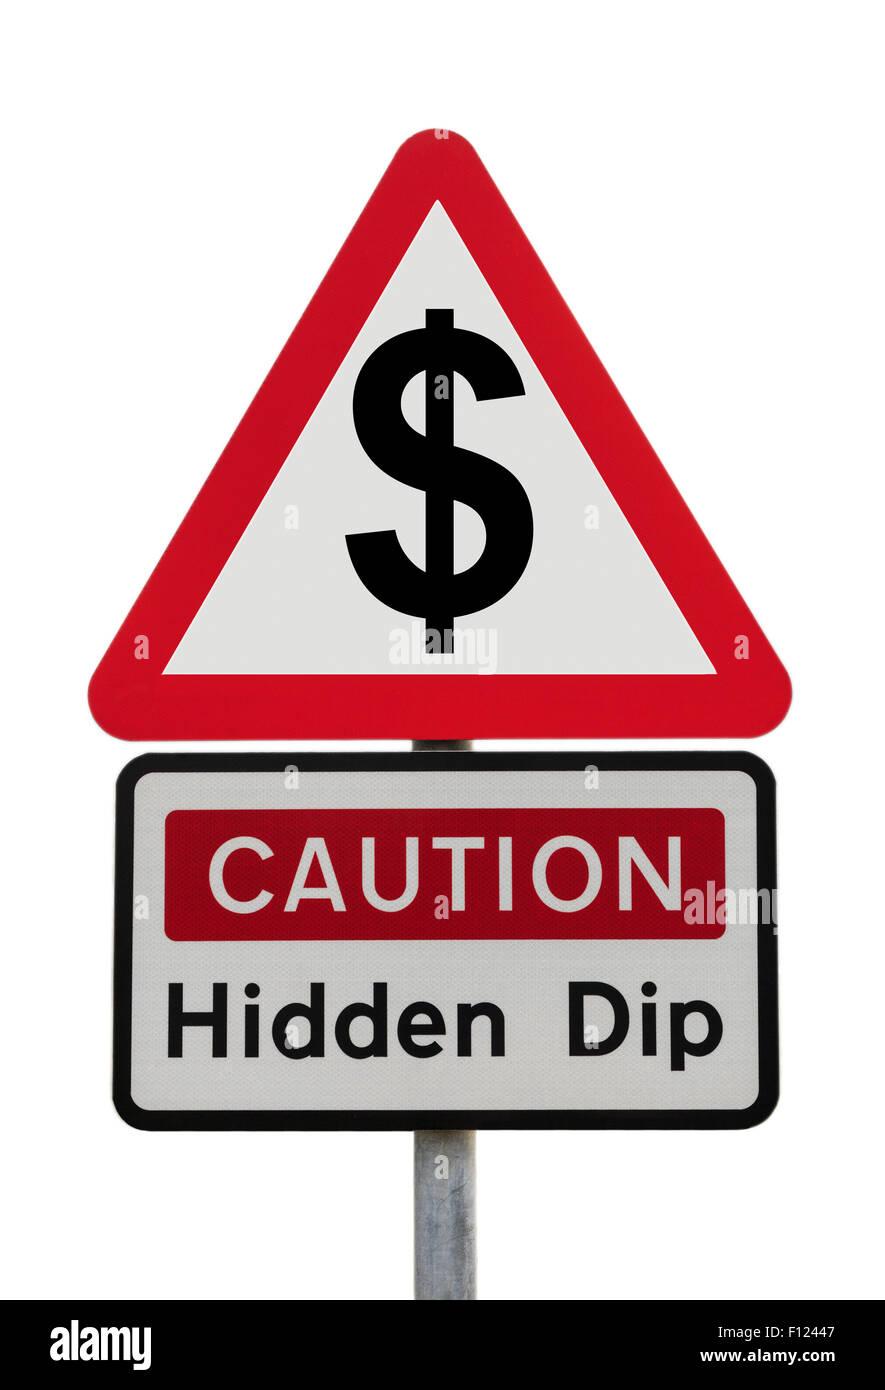 Triángulo de advertencia señales de peligro oculto de precaución Dip con el signo de dólar $ Imagen De Stock